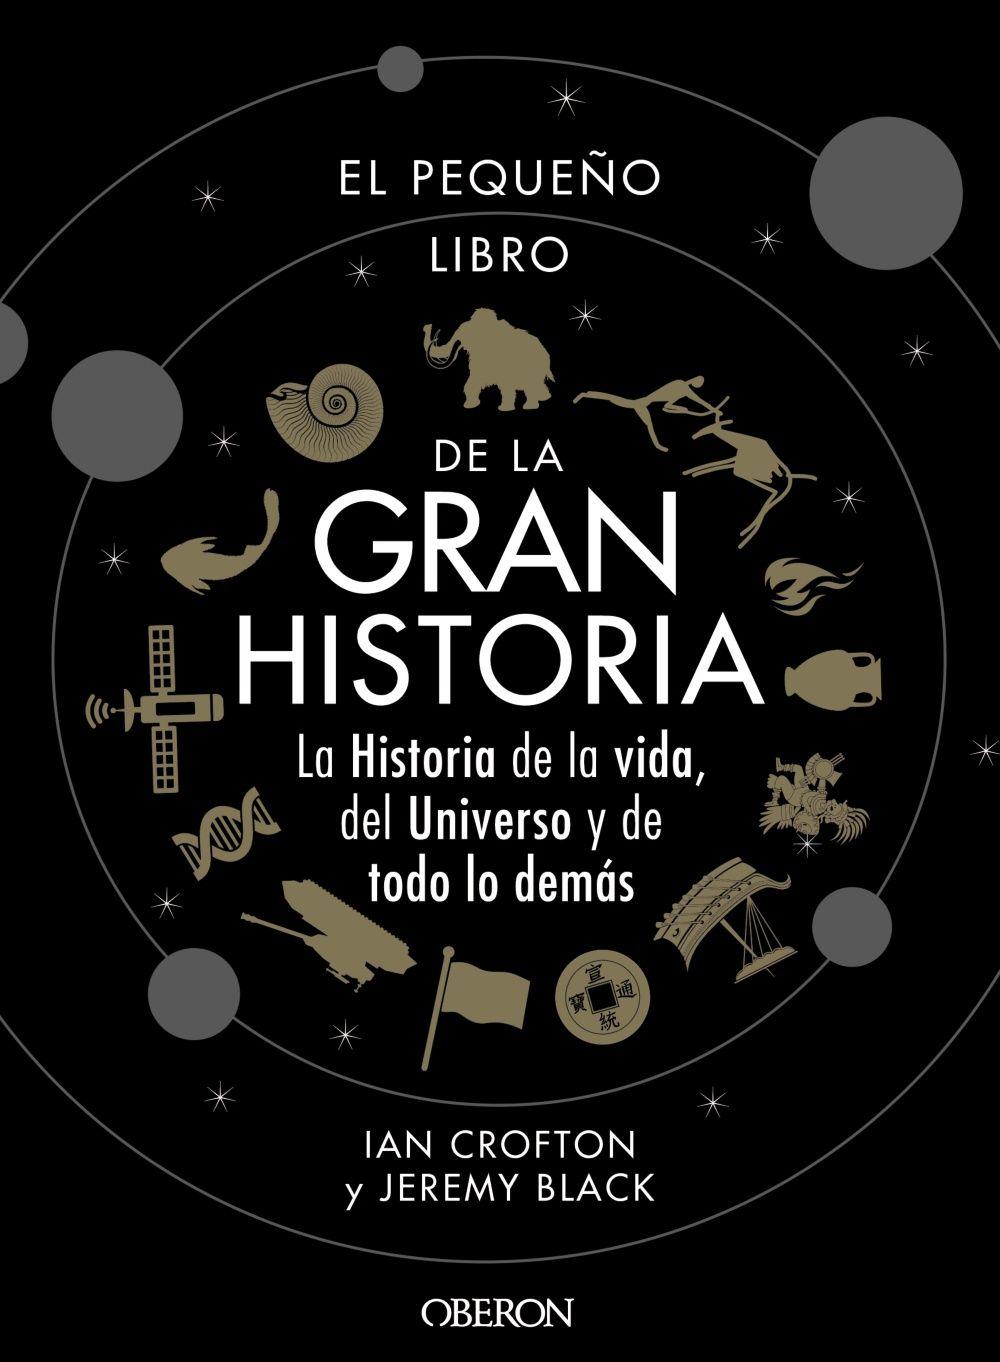 PEQUEÑO LIBRO DE LA GRAN HISTORIA